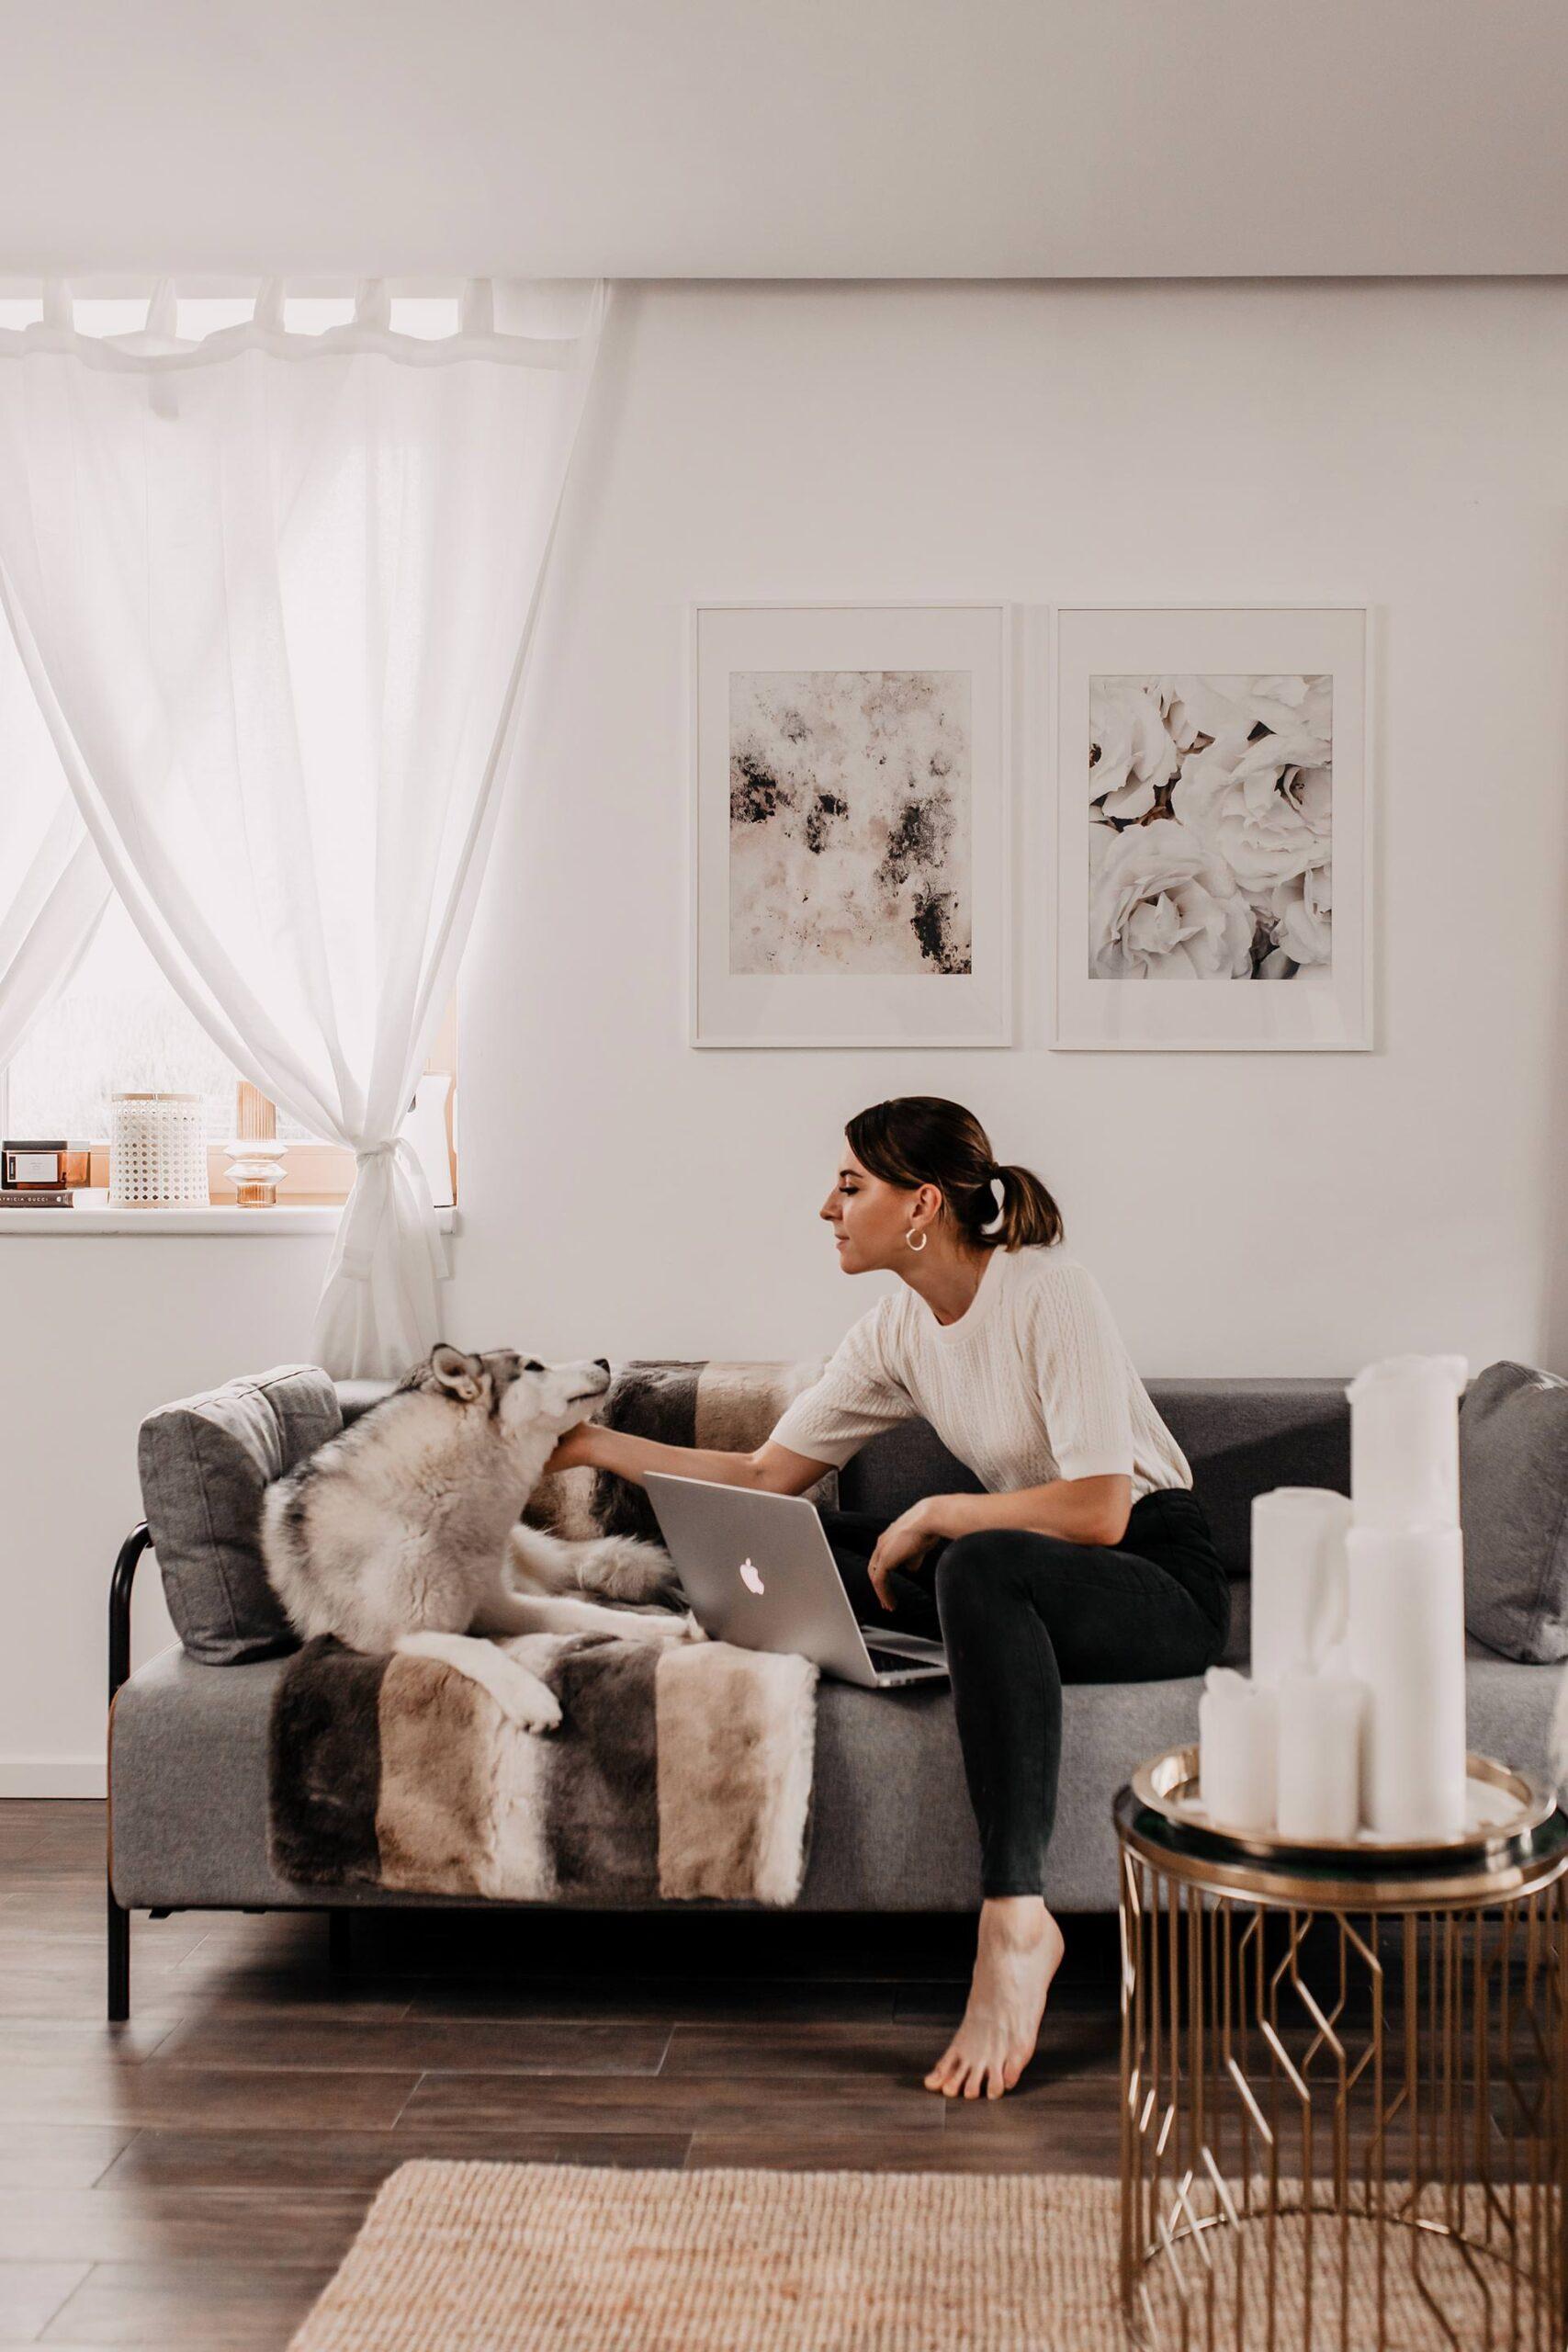 Full Size of Wanddeko Wohnzimmer Modern Diy Holz Selber Machen Metall Ideen Ikea Amazon Bilder Ebay Silber Schrankwand Stehlampe Hängeschrank Stehleuchte Lampe Vorhänge Wohnzimmer Wanddeko Wohnzimmer